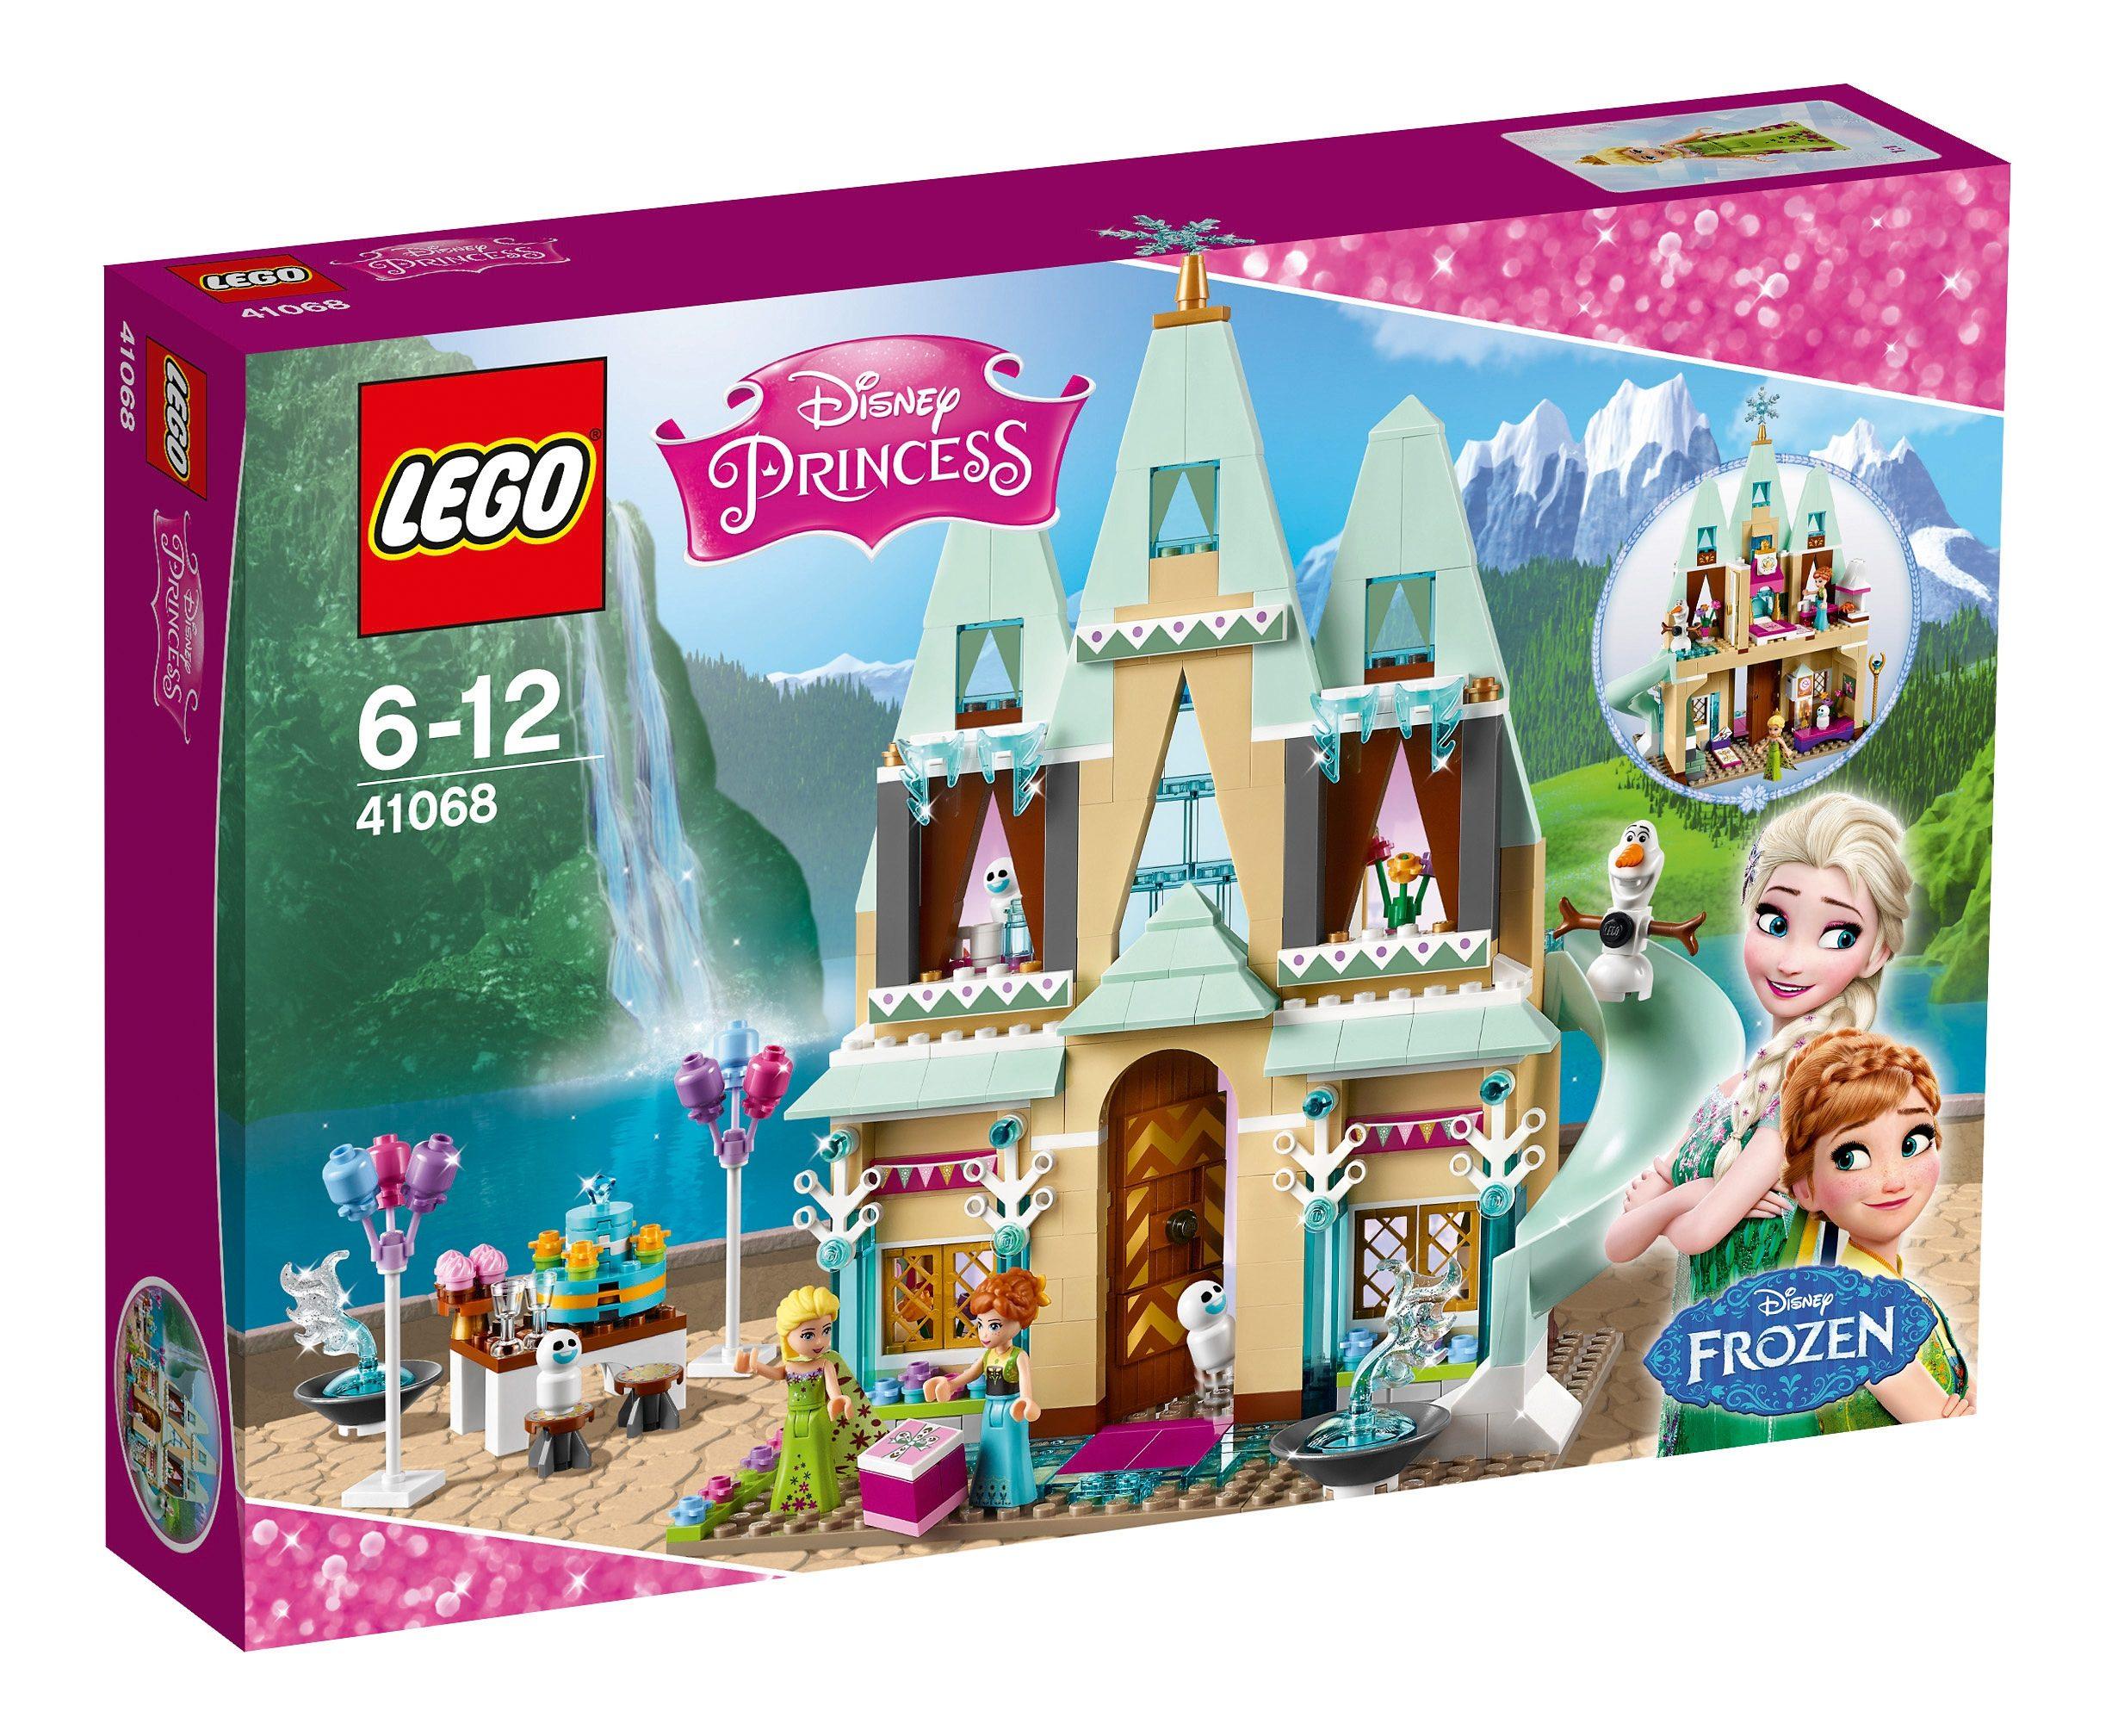 LEGO®, Fest im großen Schloss von Arendelle - Frozen (41068), »LEGO® Disney Princess™«